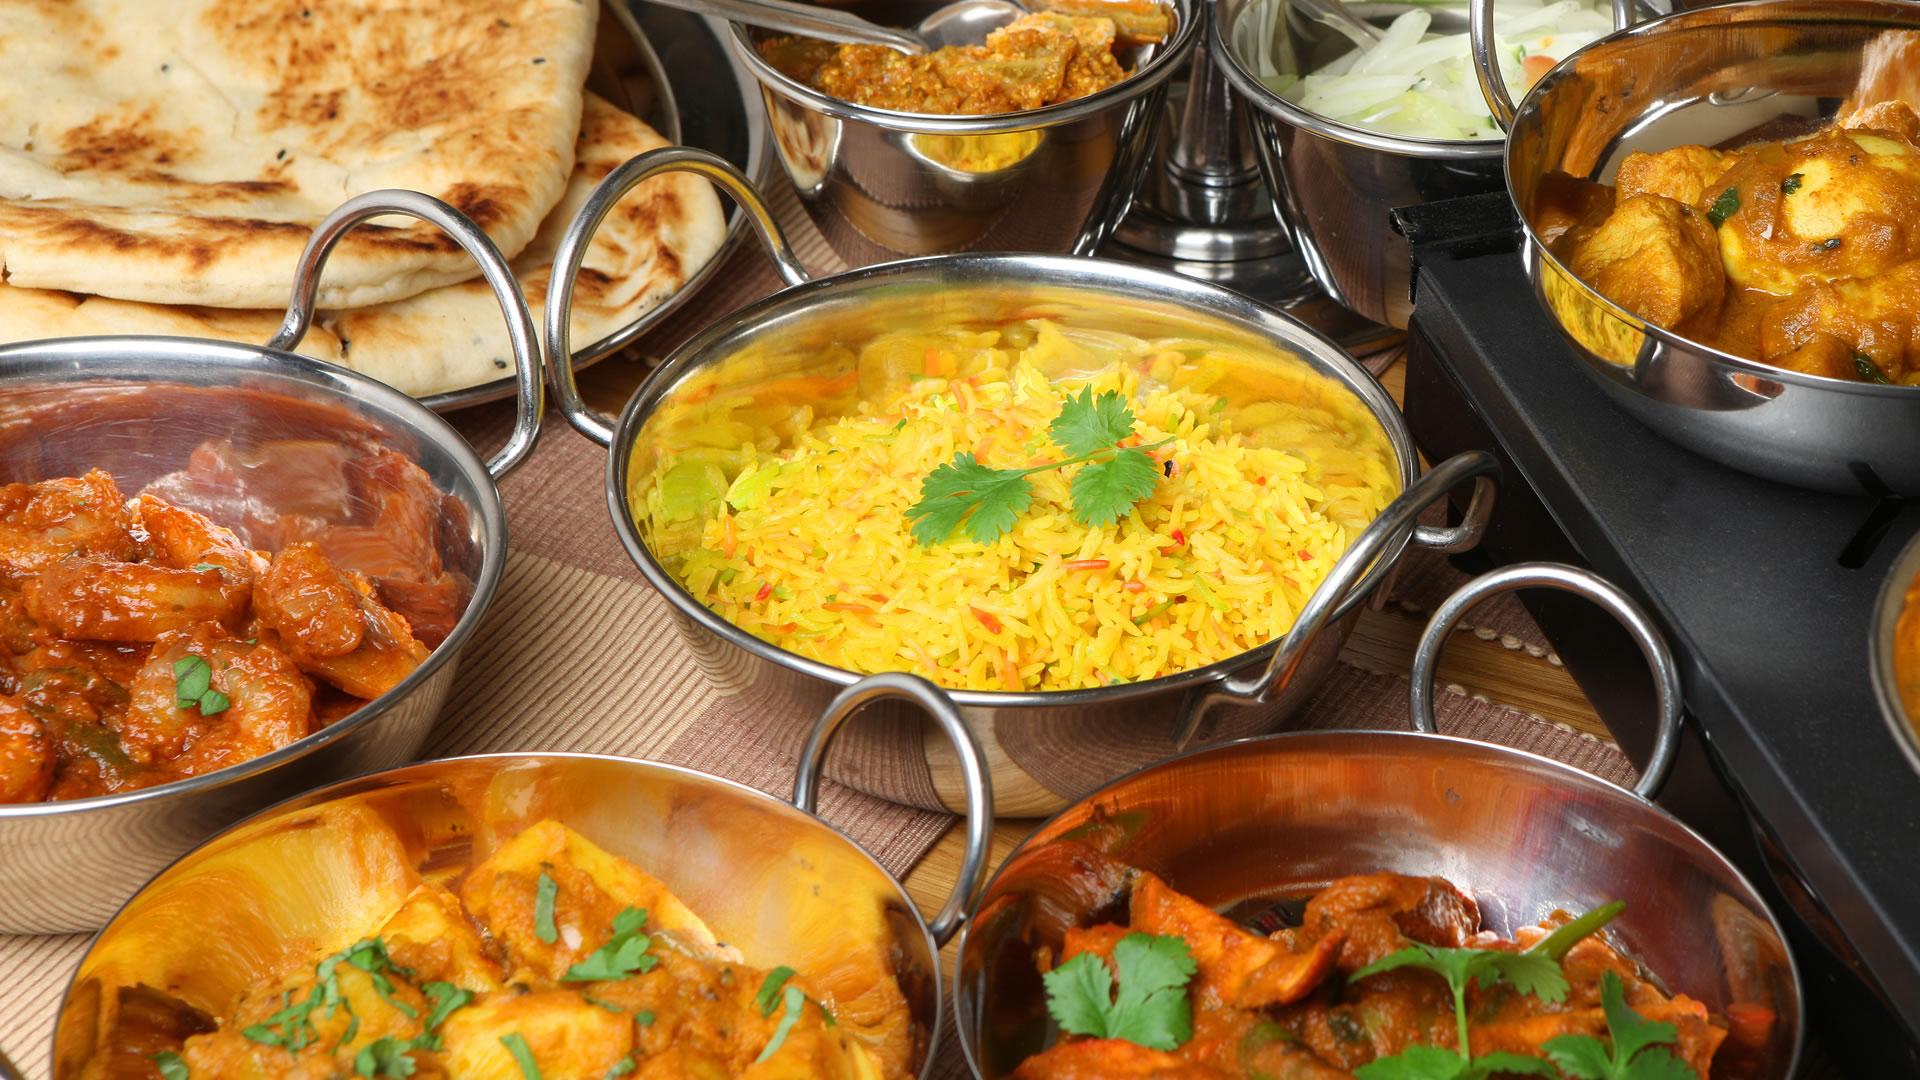 Platos tradicionales de la gastronomía en India - ConstruArte, C.A.